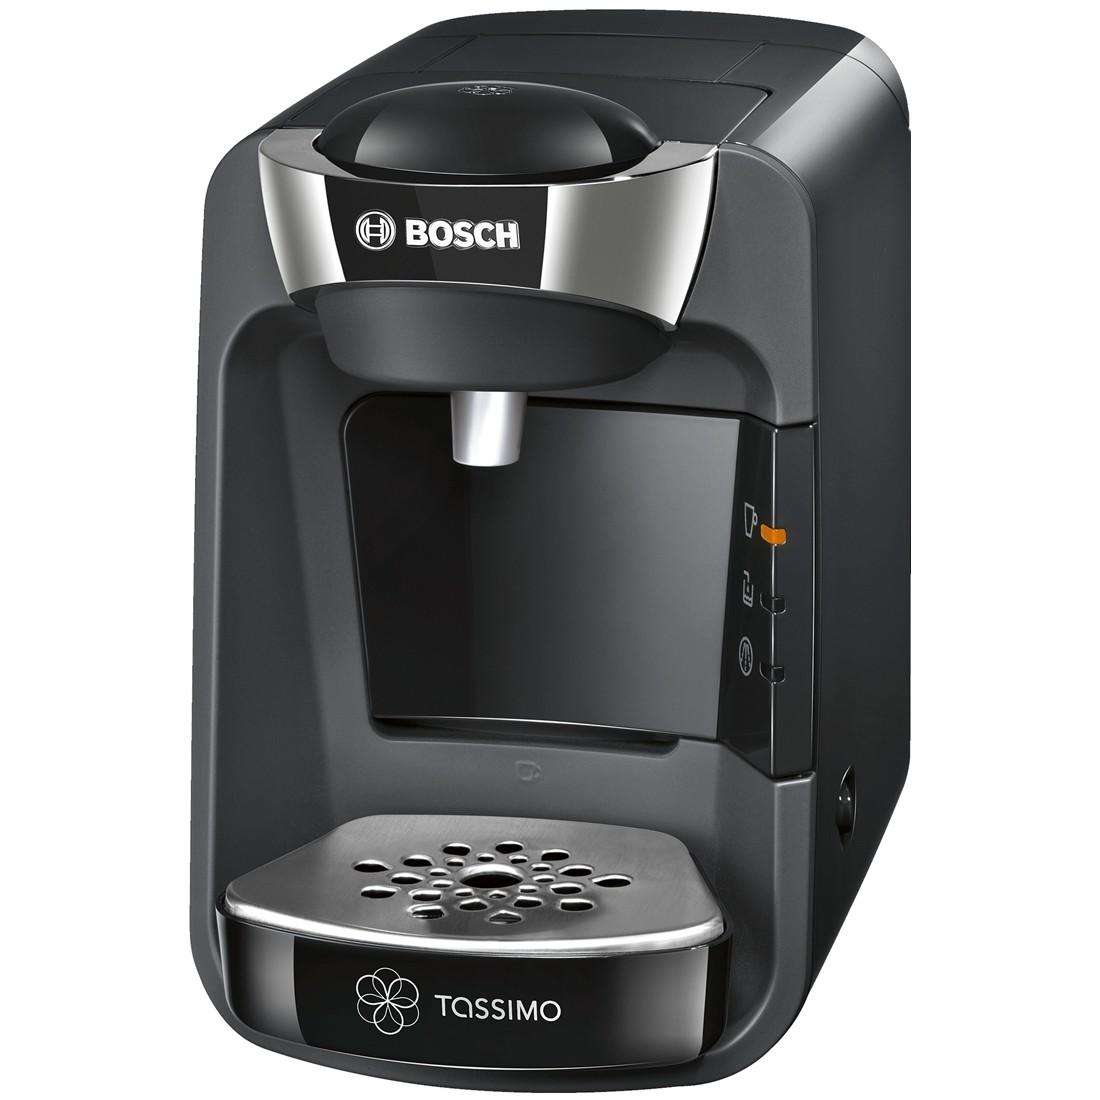 kávovar BOSCH Tassimo TAS3202